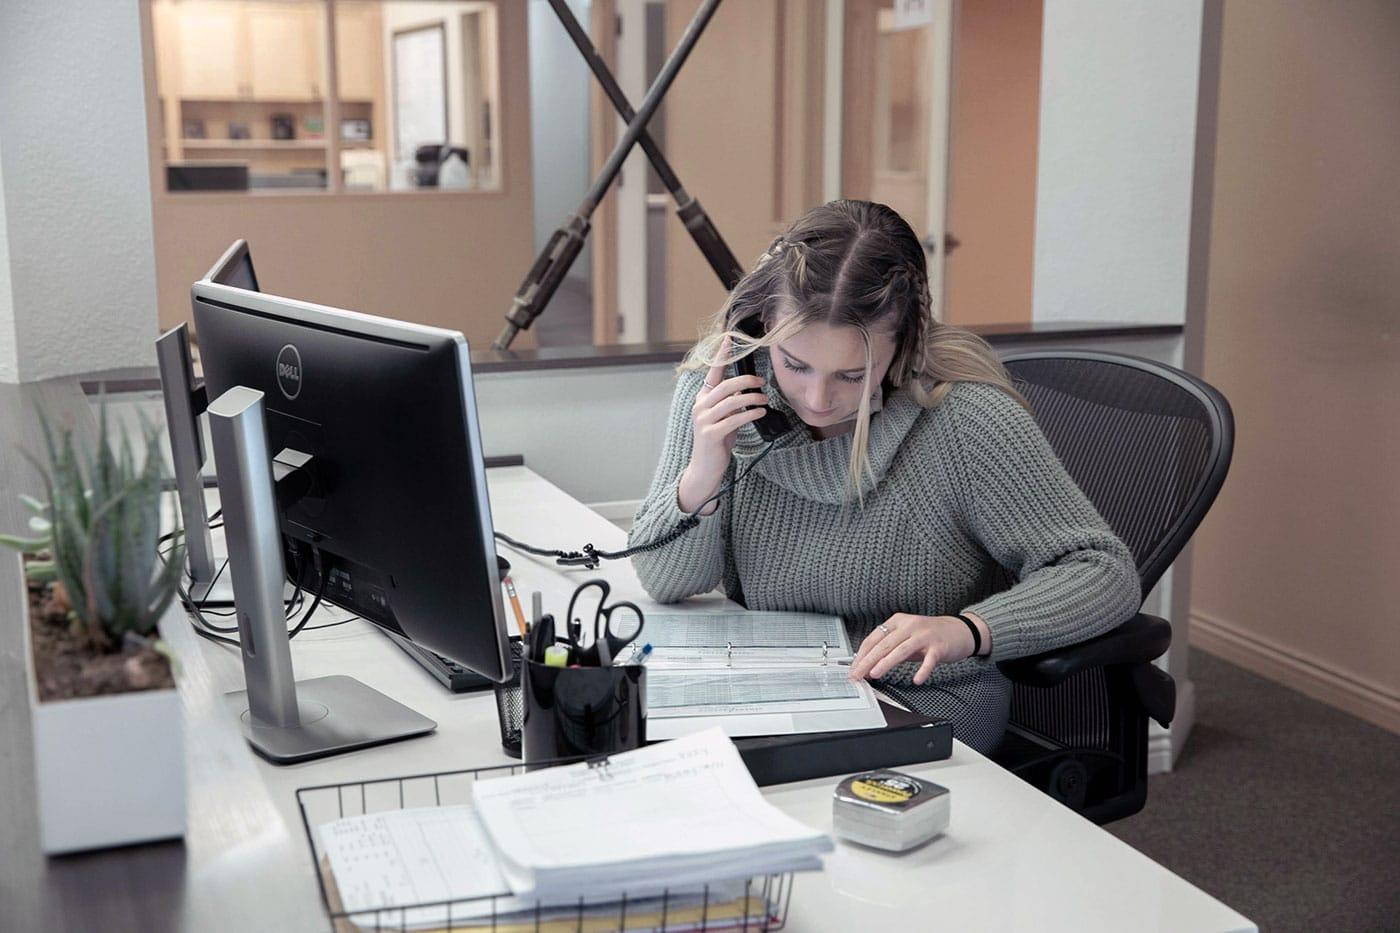 la office person